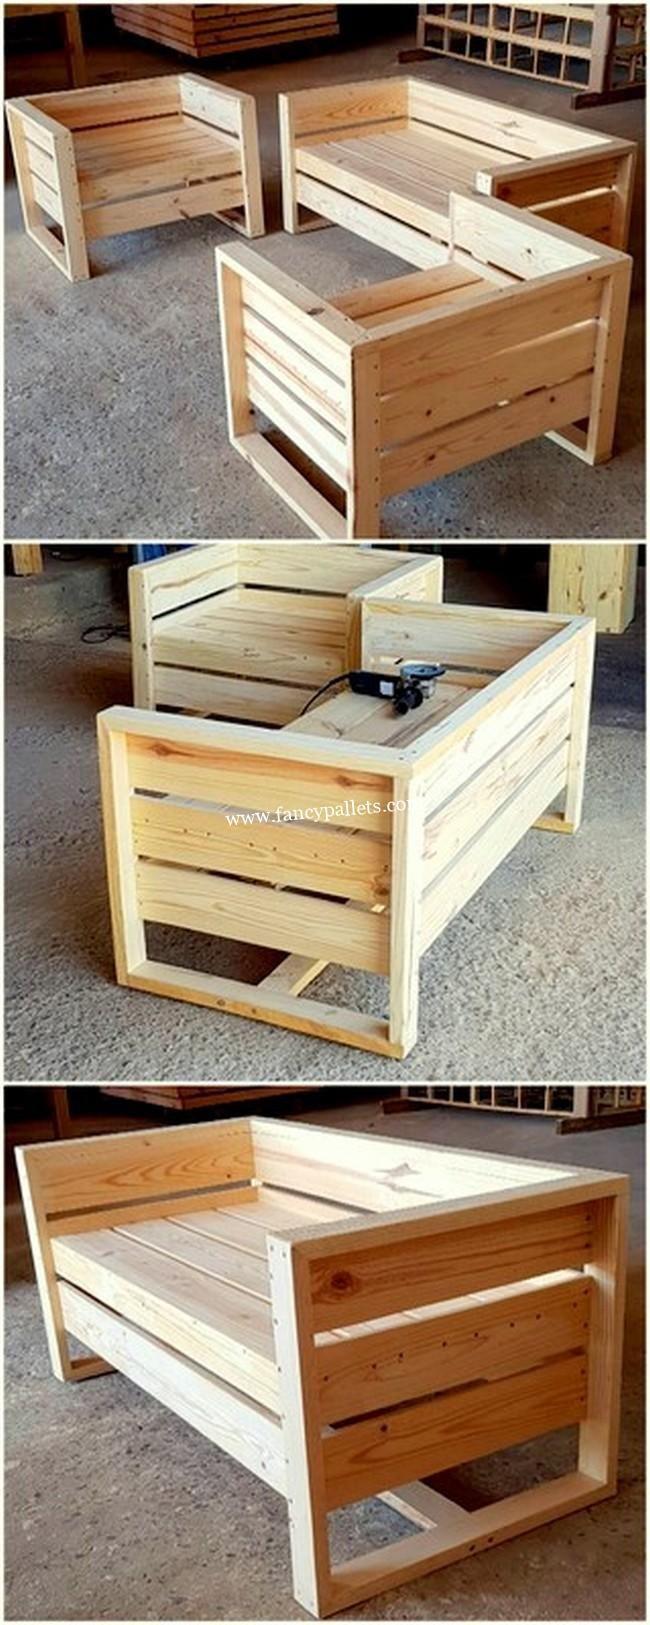 DIY-Palettenholzmöbel-Ideen mit wiederverwendetem Werkstoff - Phantasiepaletten ...  #DIYPalettenholzmöbelIdeen #Material #mit #Phantasiepaletten #wiederverwendetem #idéesdemeubles